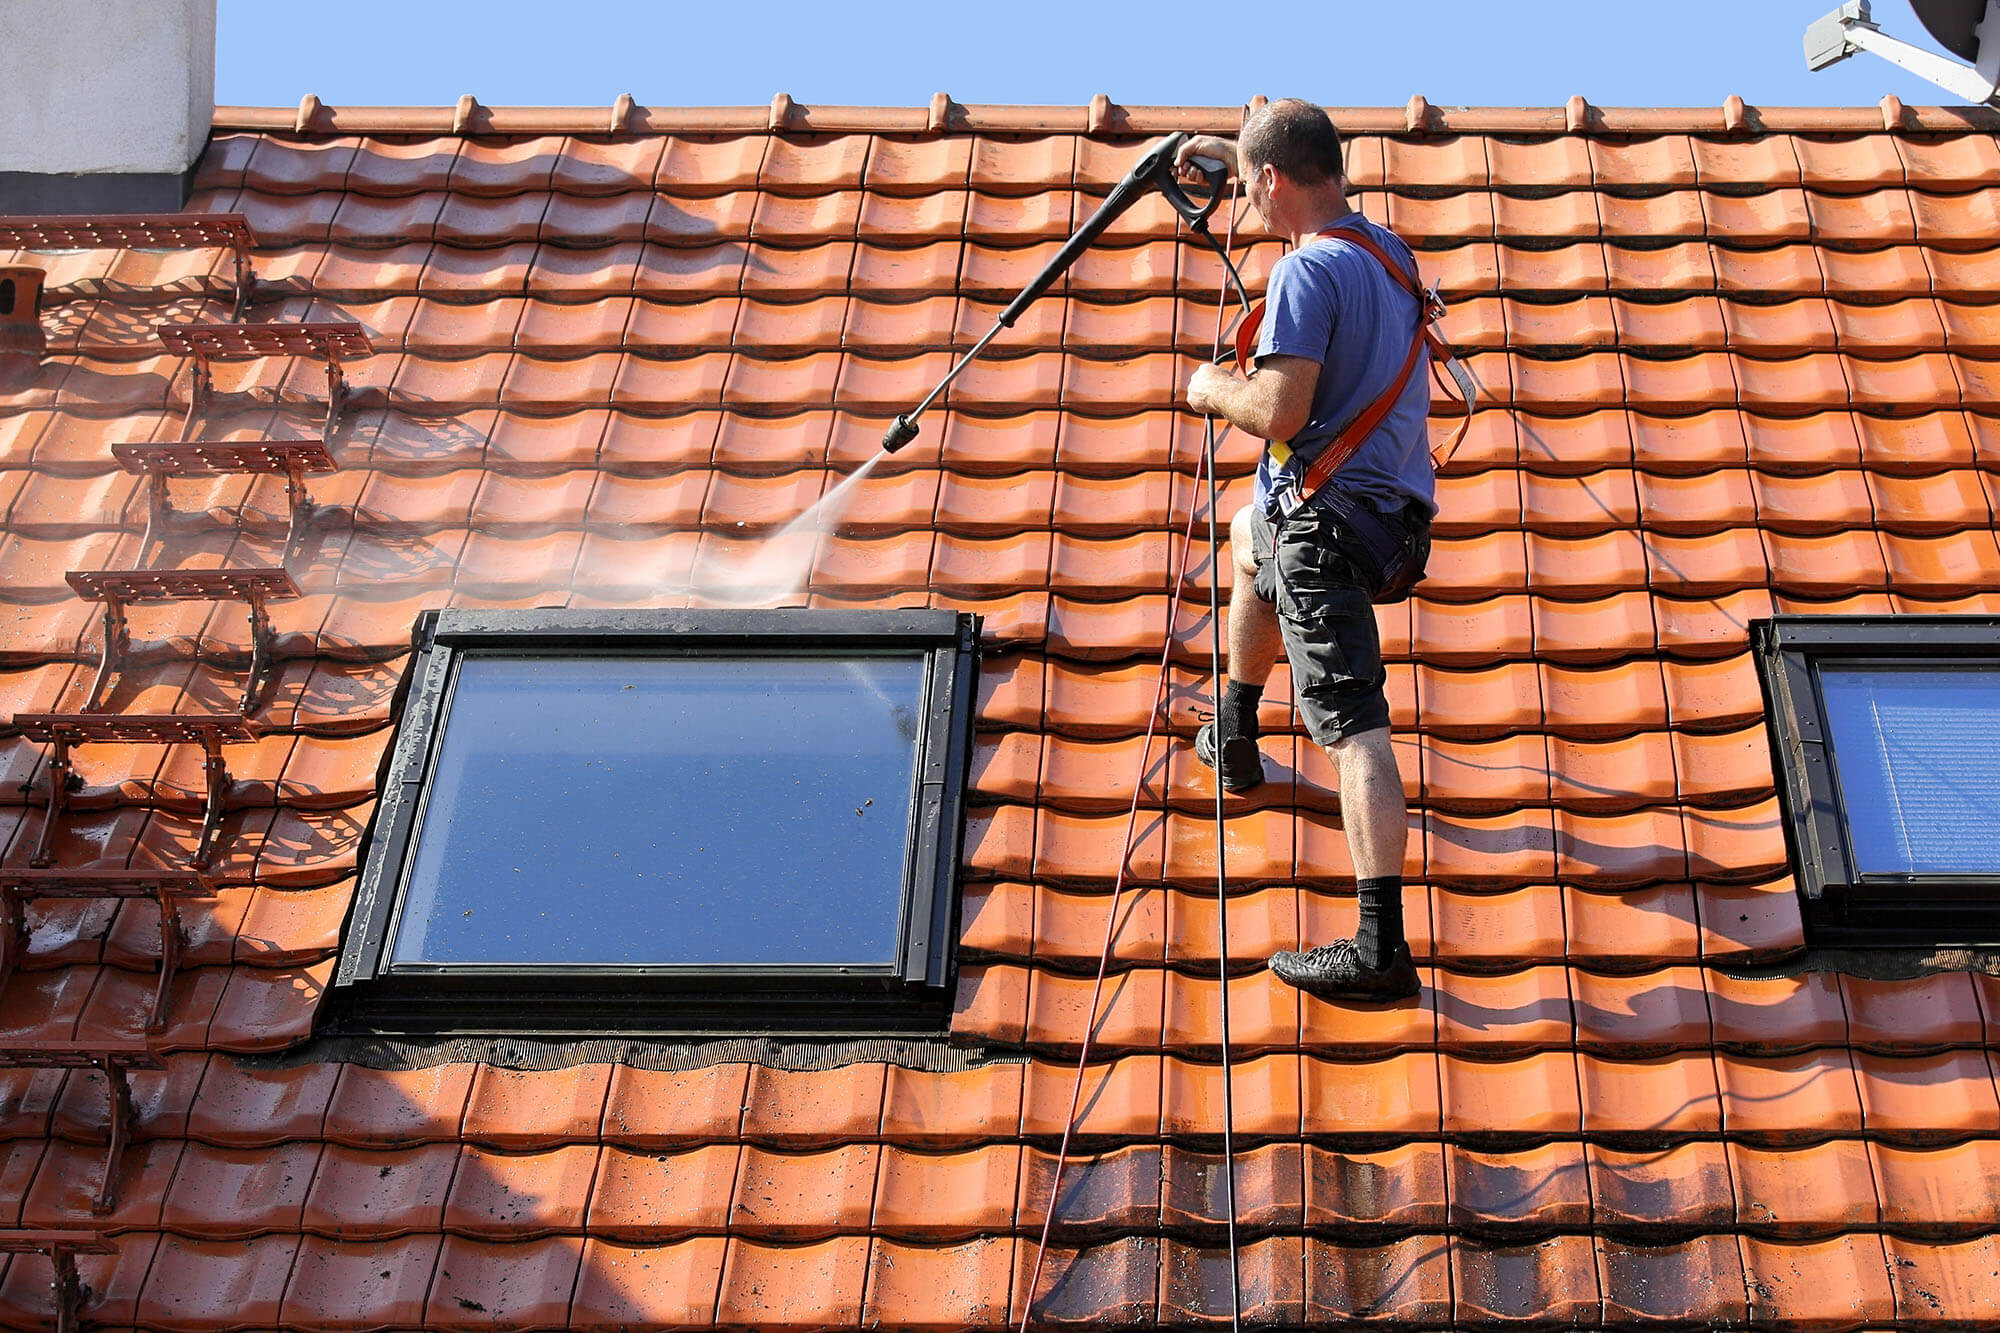 Arbeiten auf dem Dach – Ein unterschätztes Risiko